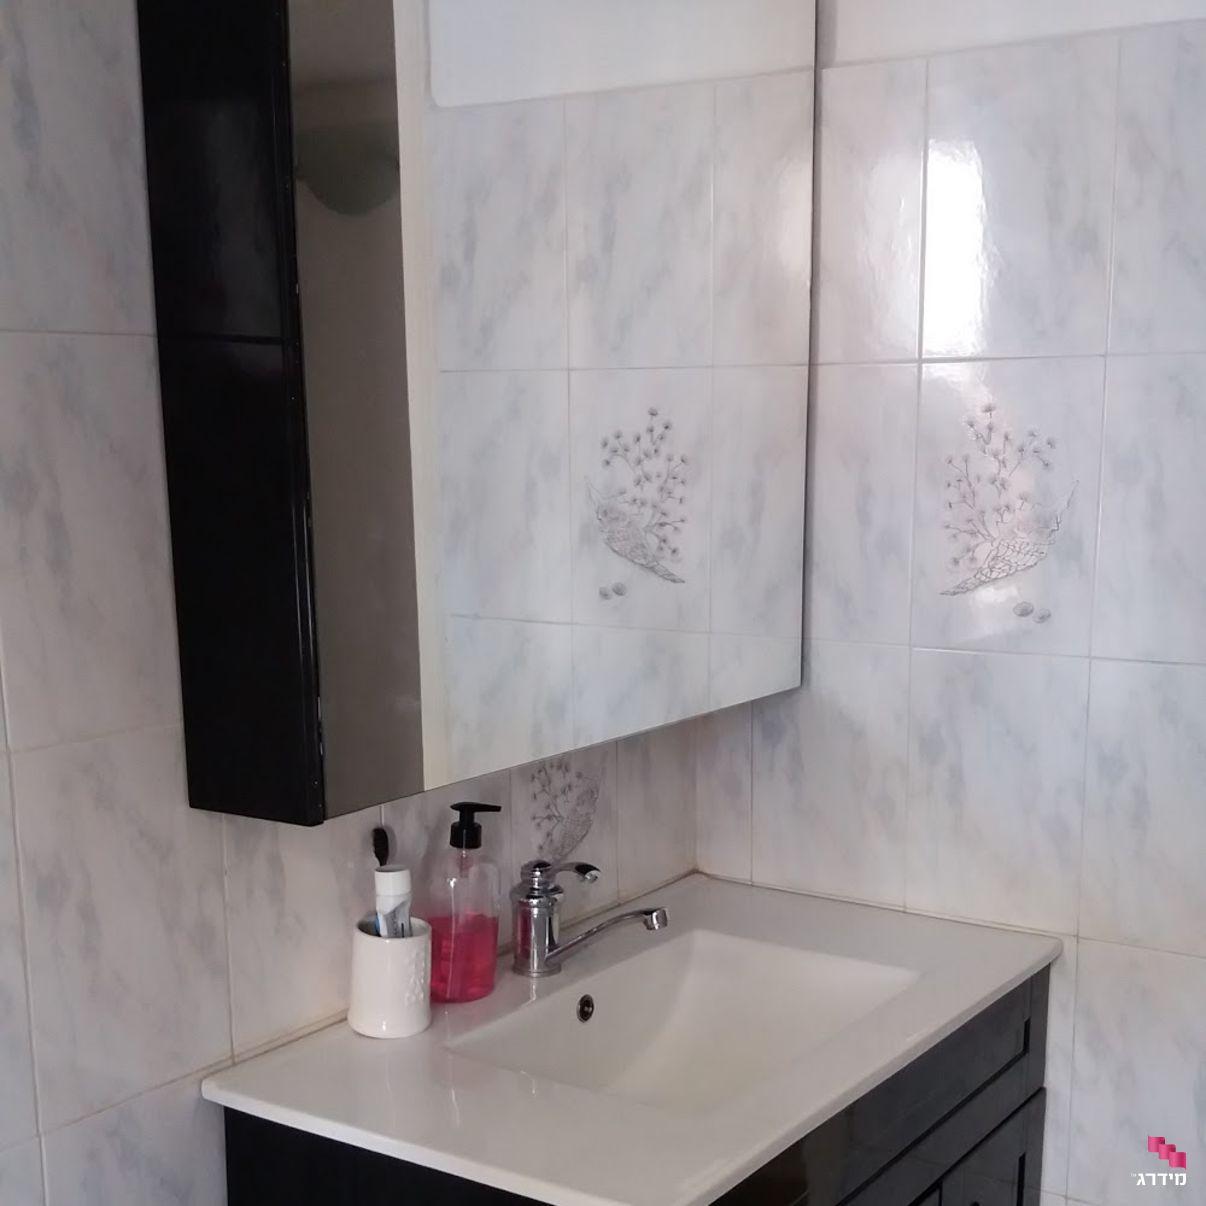 עלות שיפוץ חדר אמבטיה קומפלט